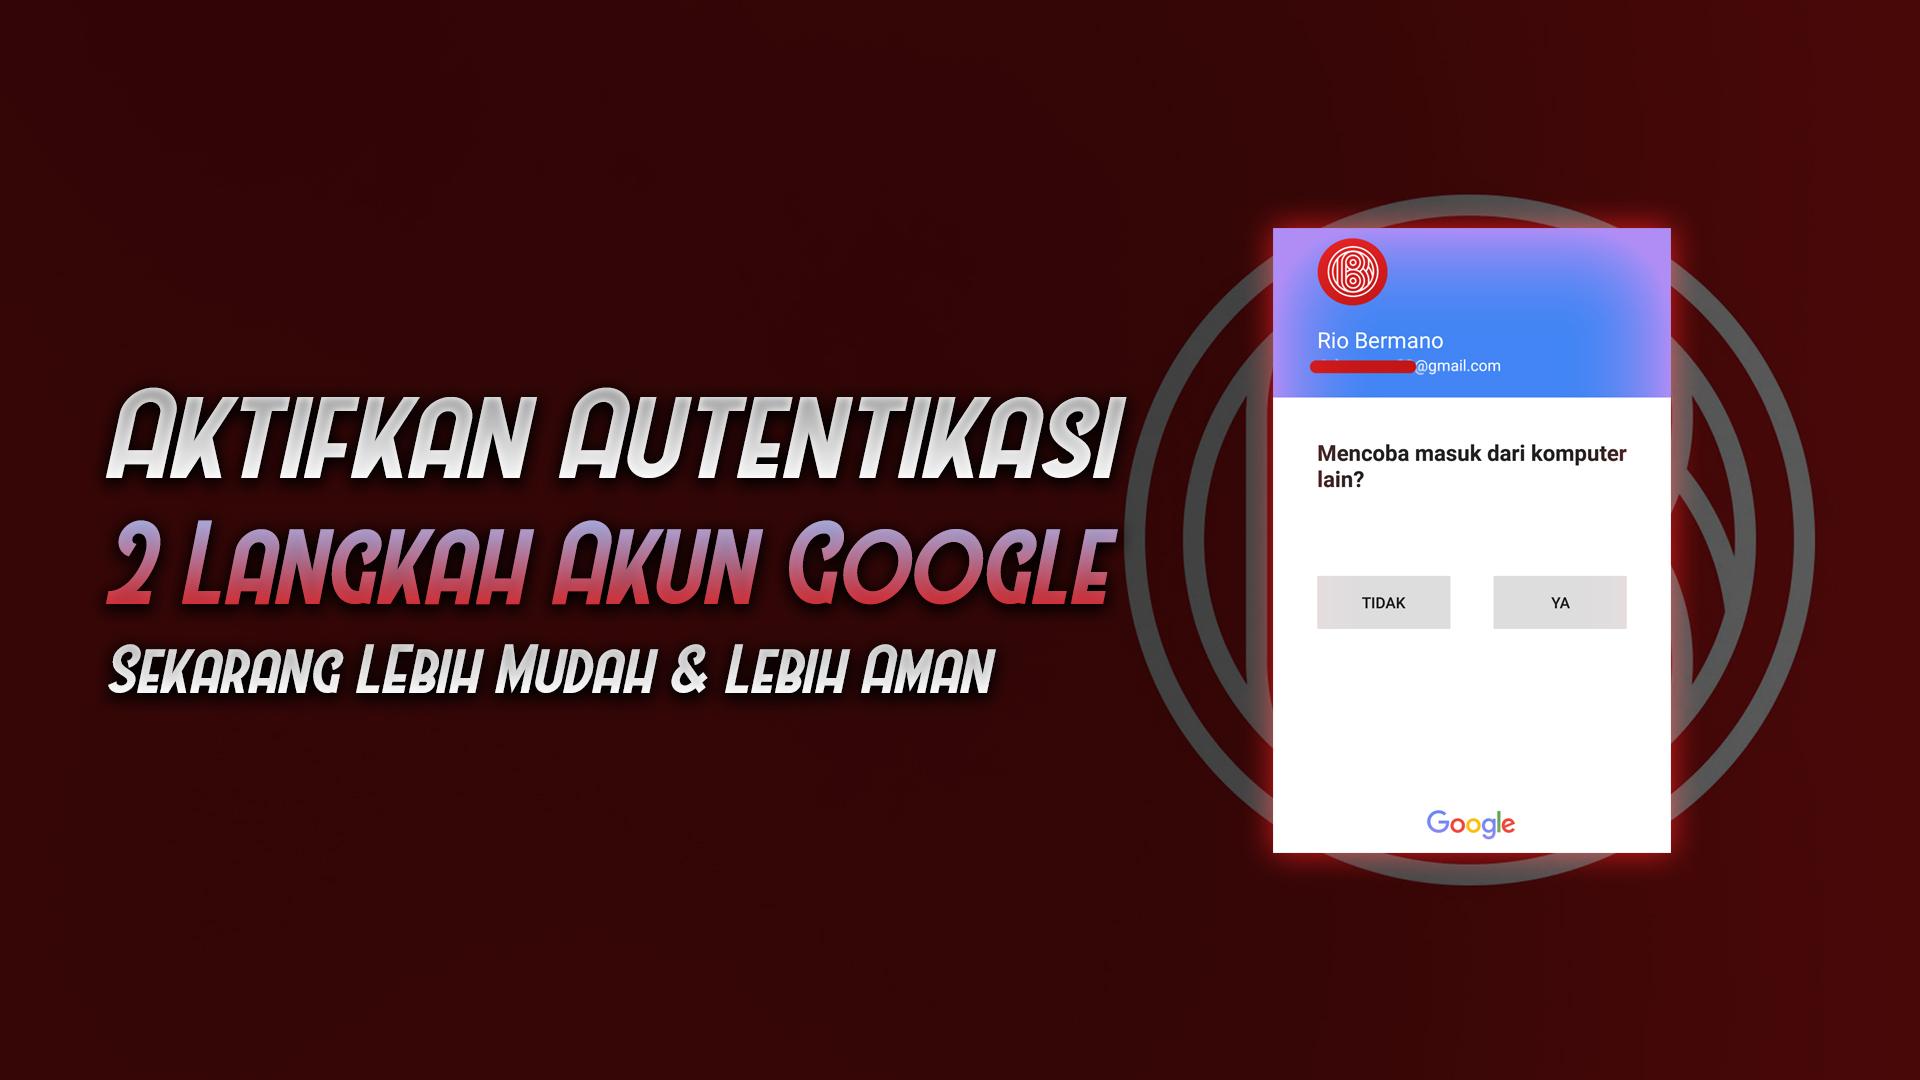 autentikasi 2 langkah akun google mudah aman hack - rio bermano